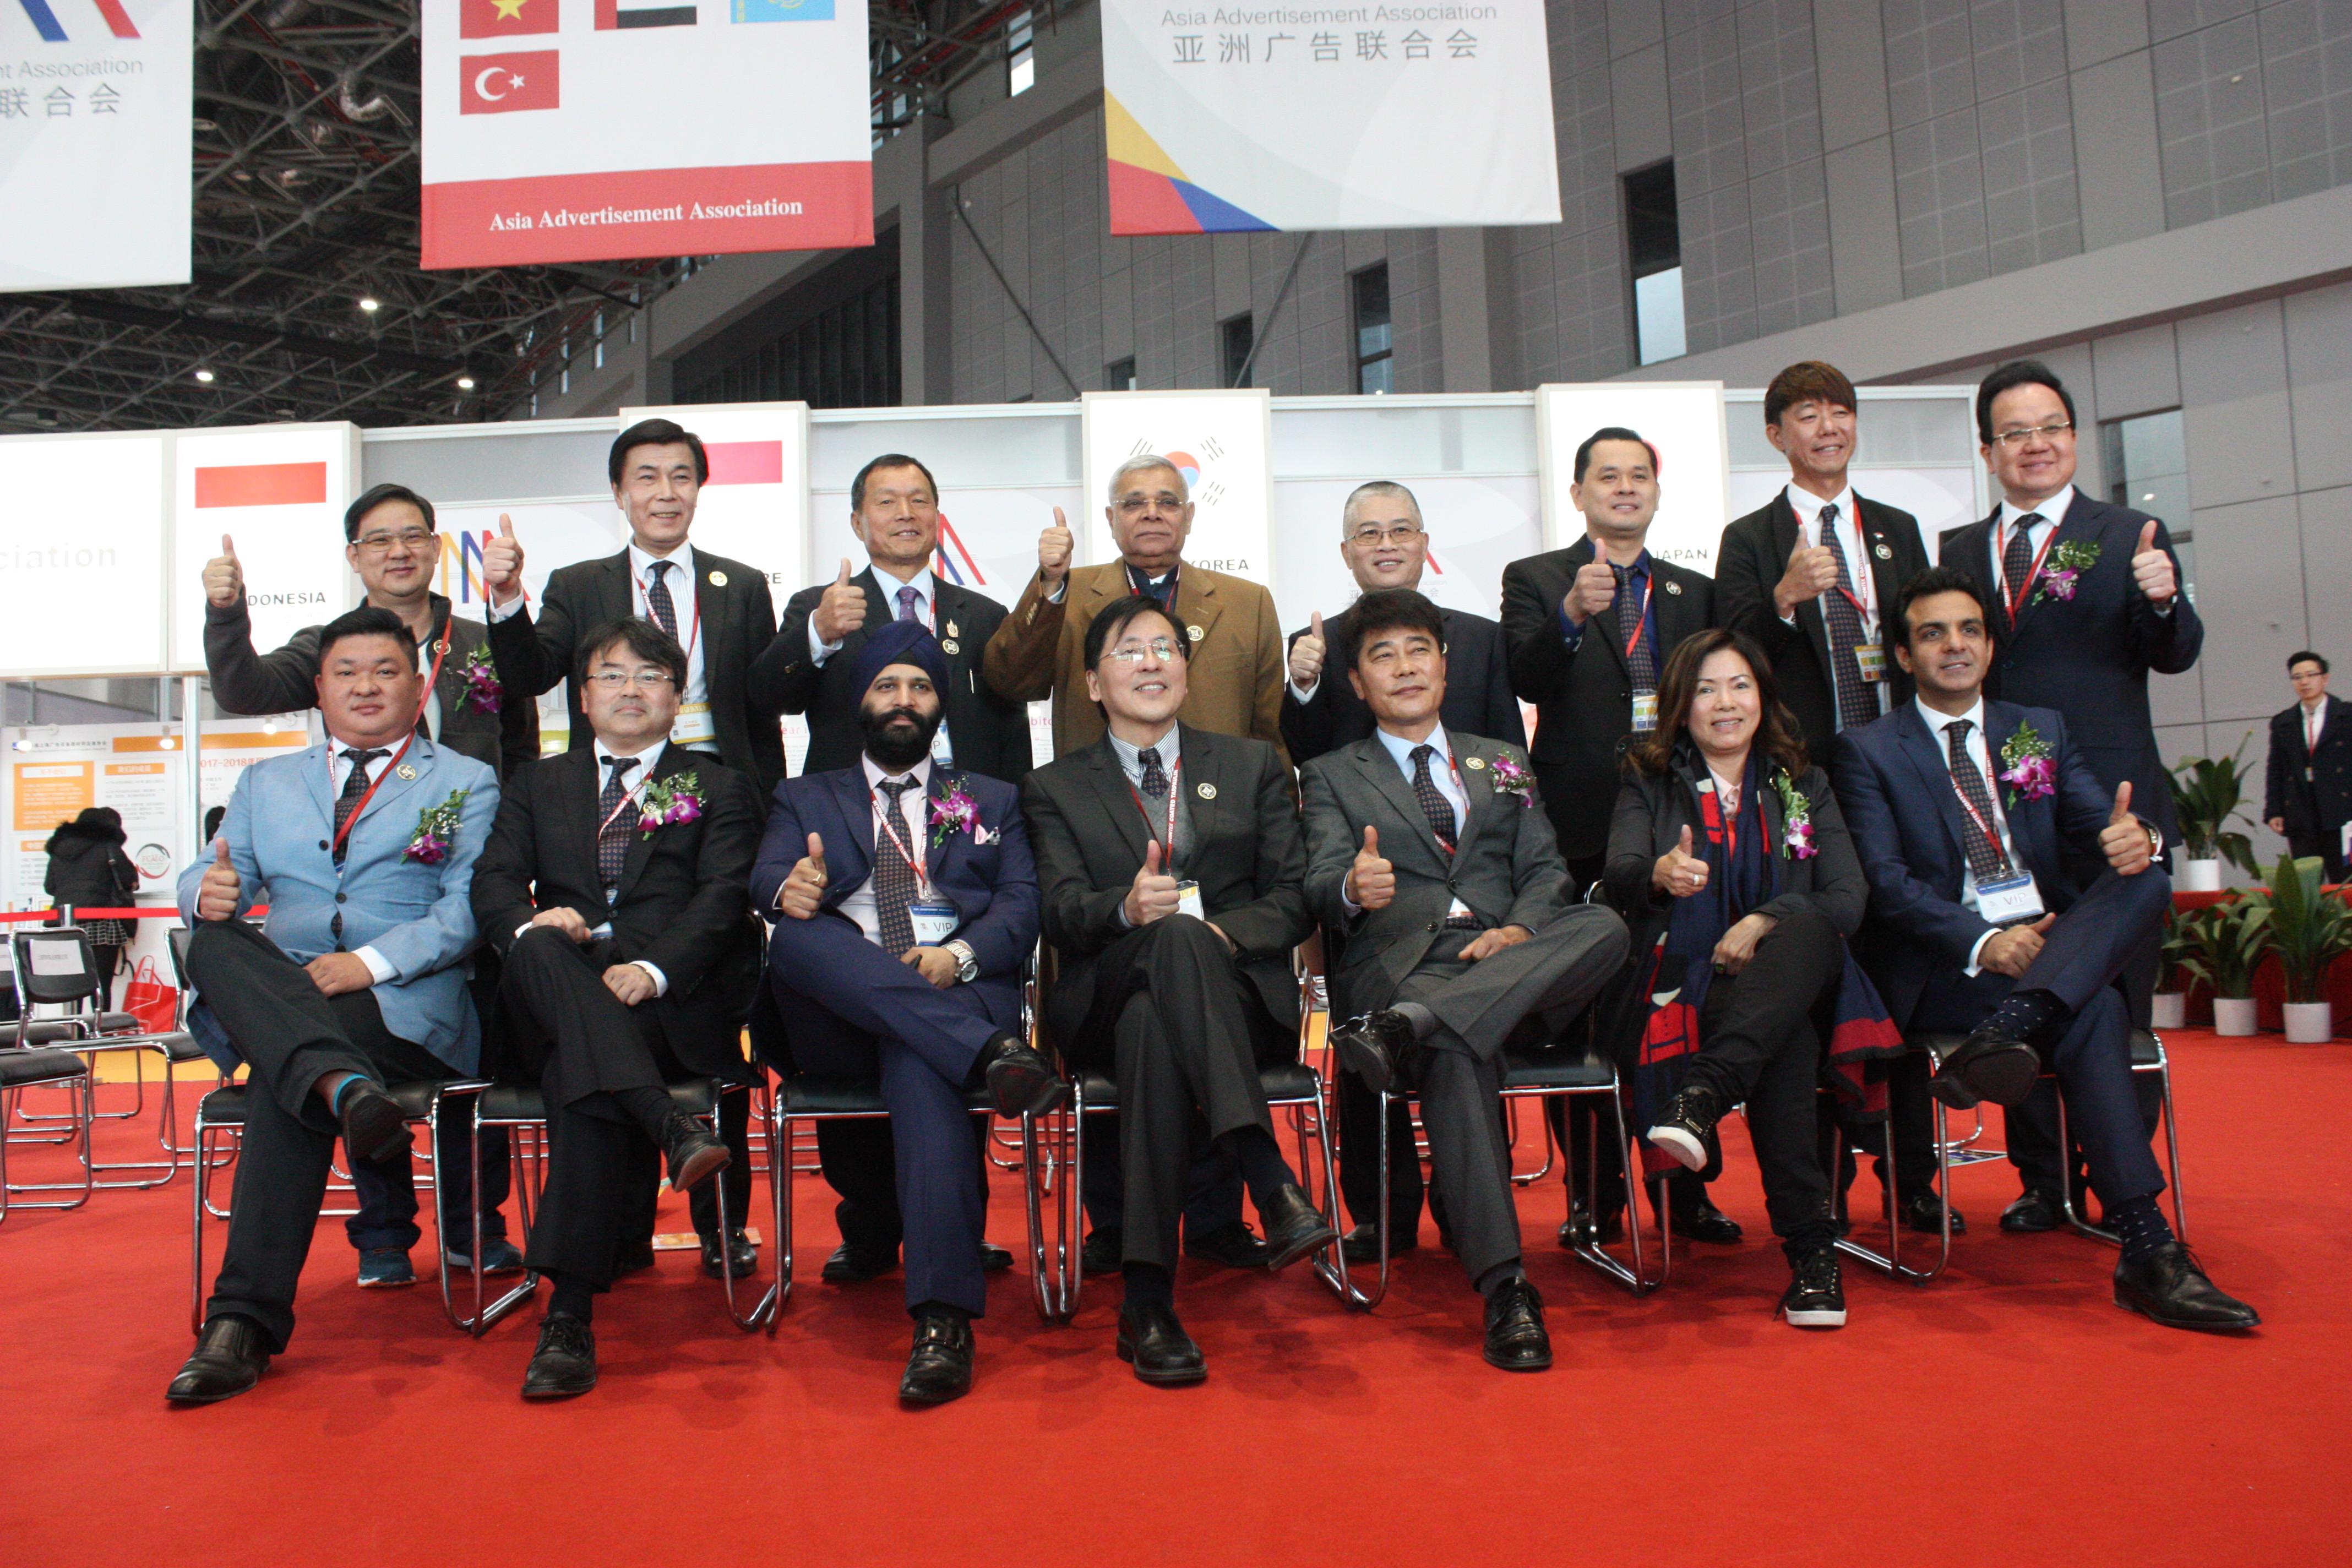 上海国际广印展进入新时代